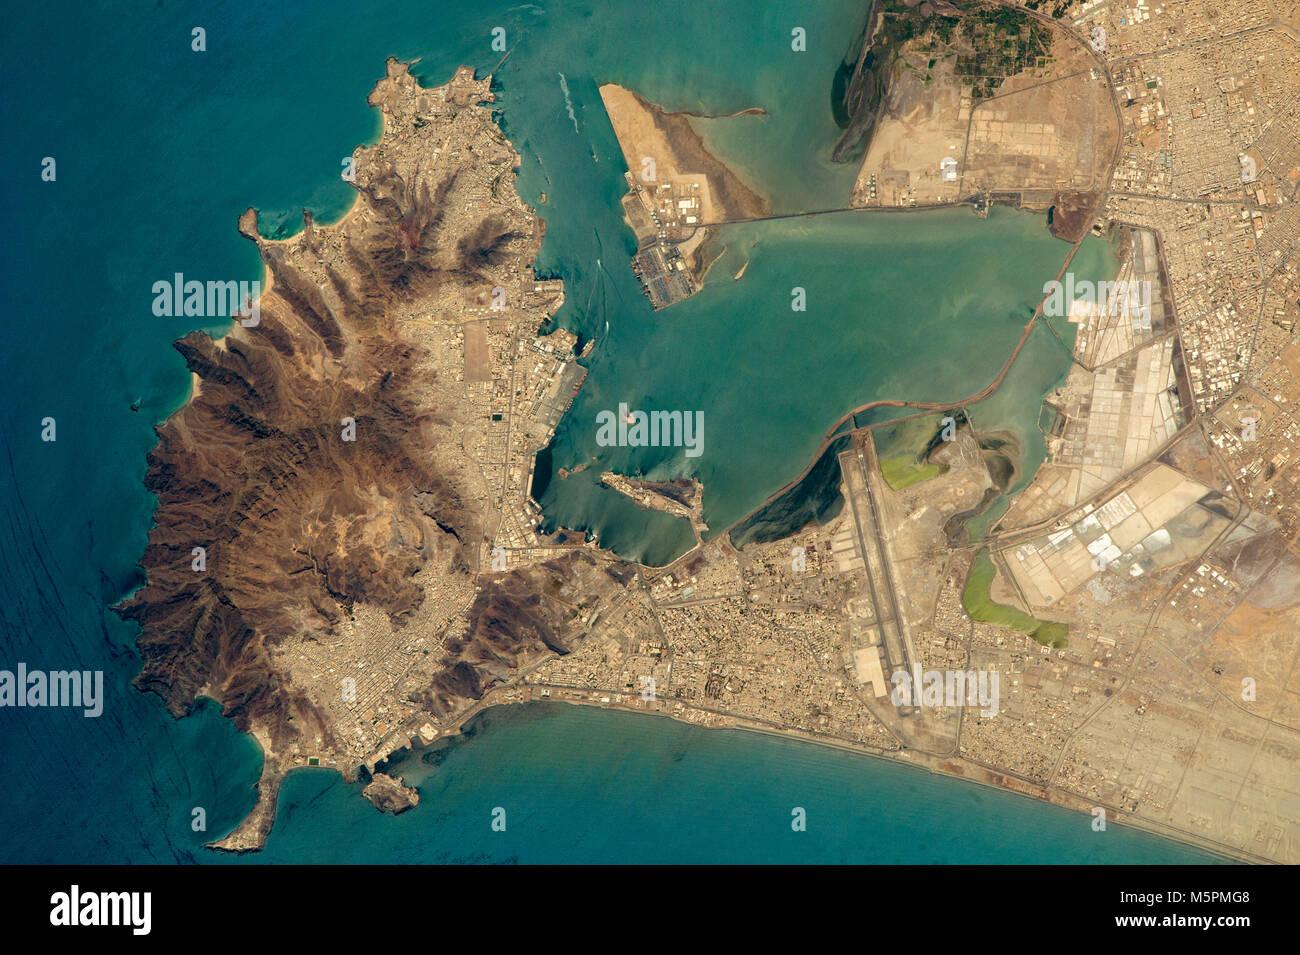 The port of Aden in Yemen - Stock Image